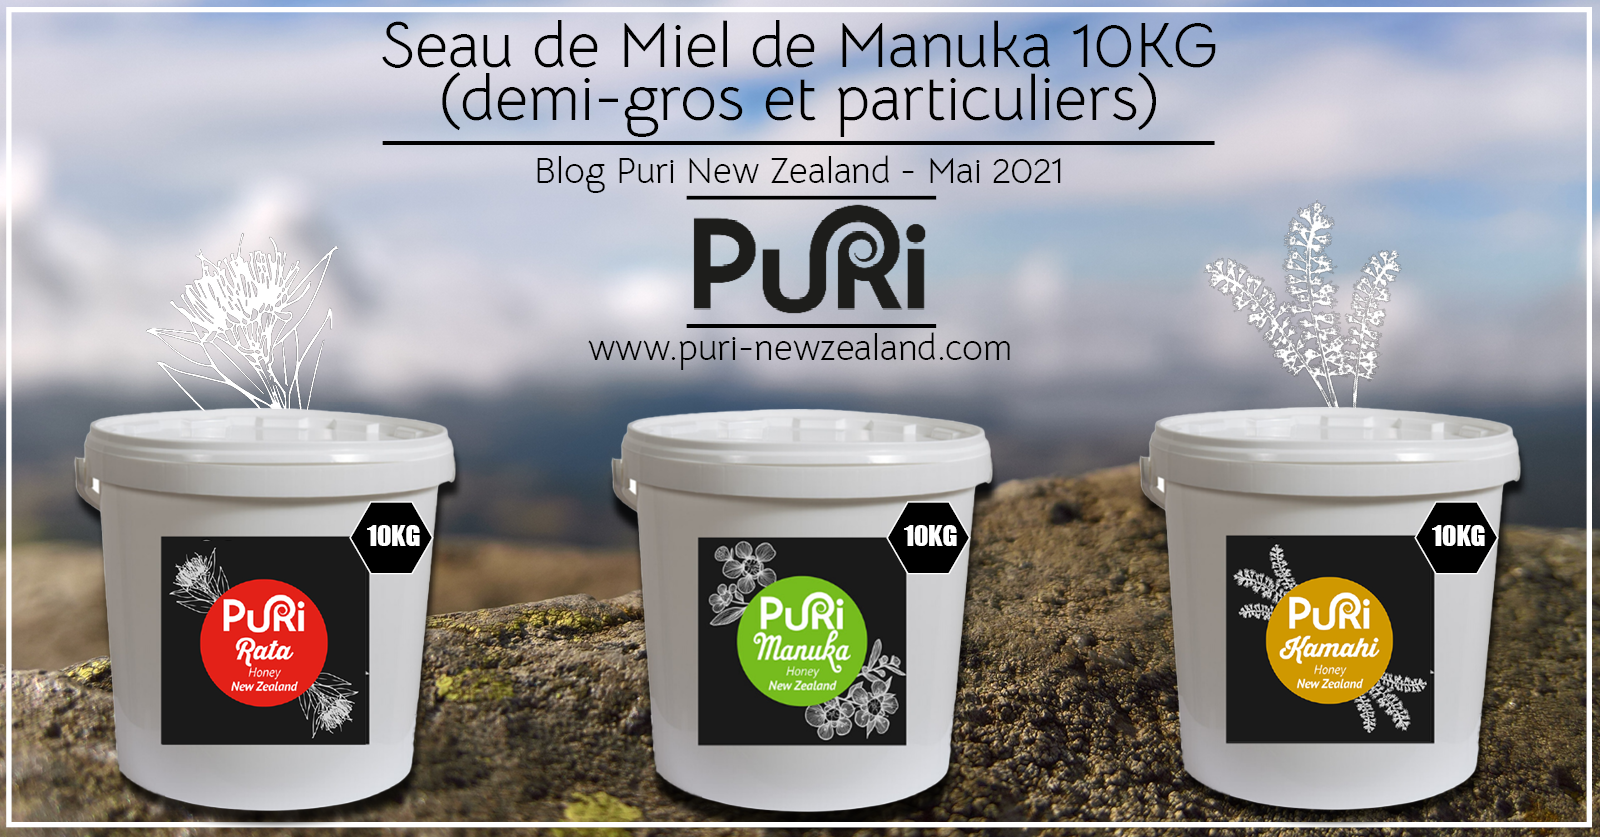 Seau de Miel de Manuka 10kg (demi-gros et particuliers)